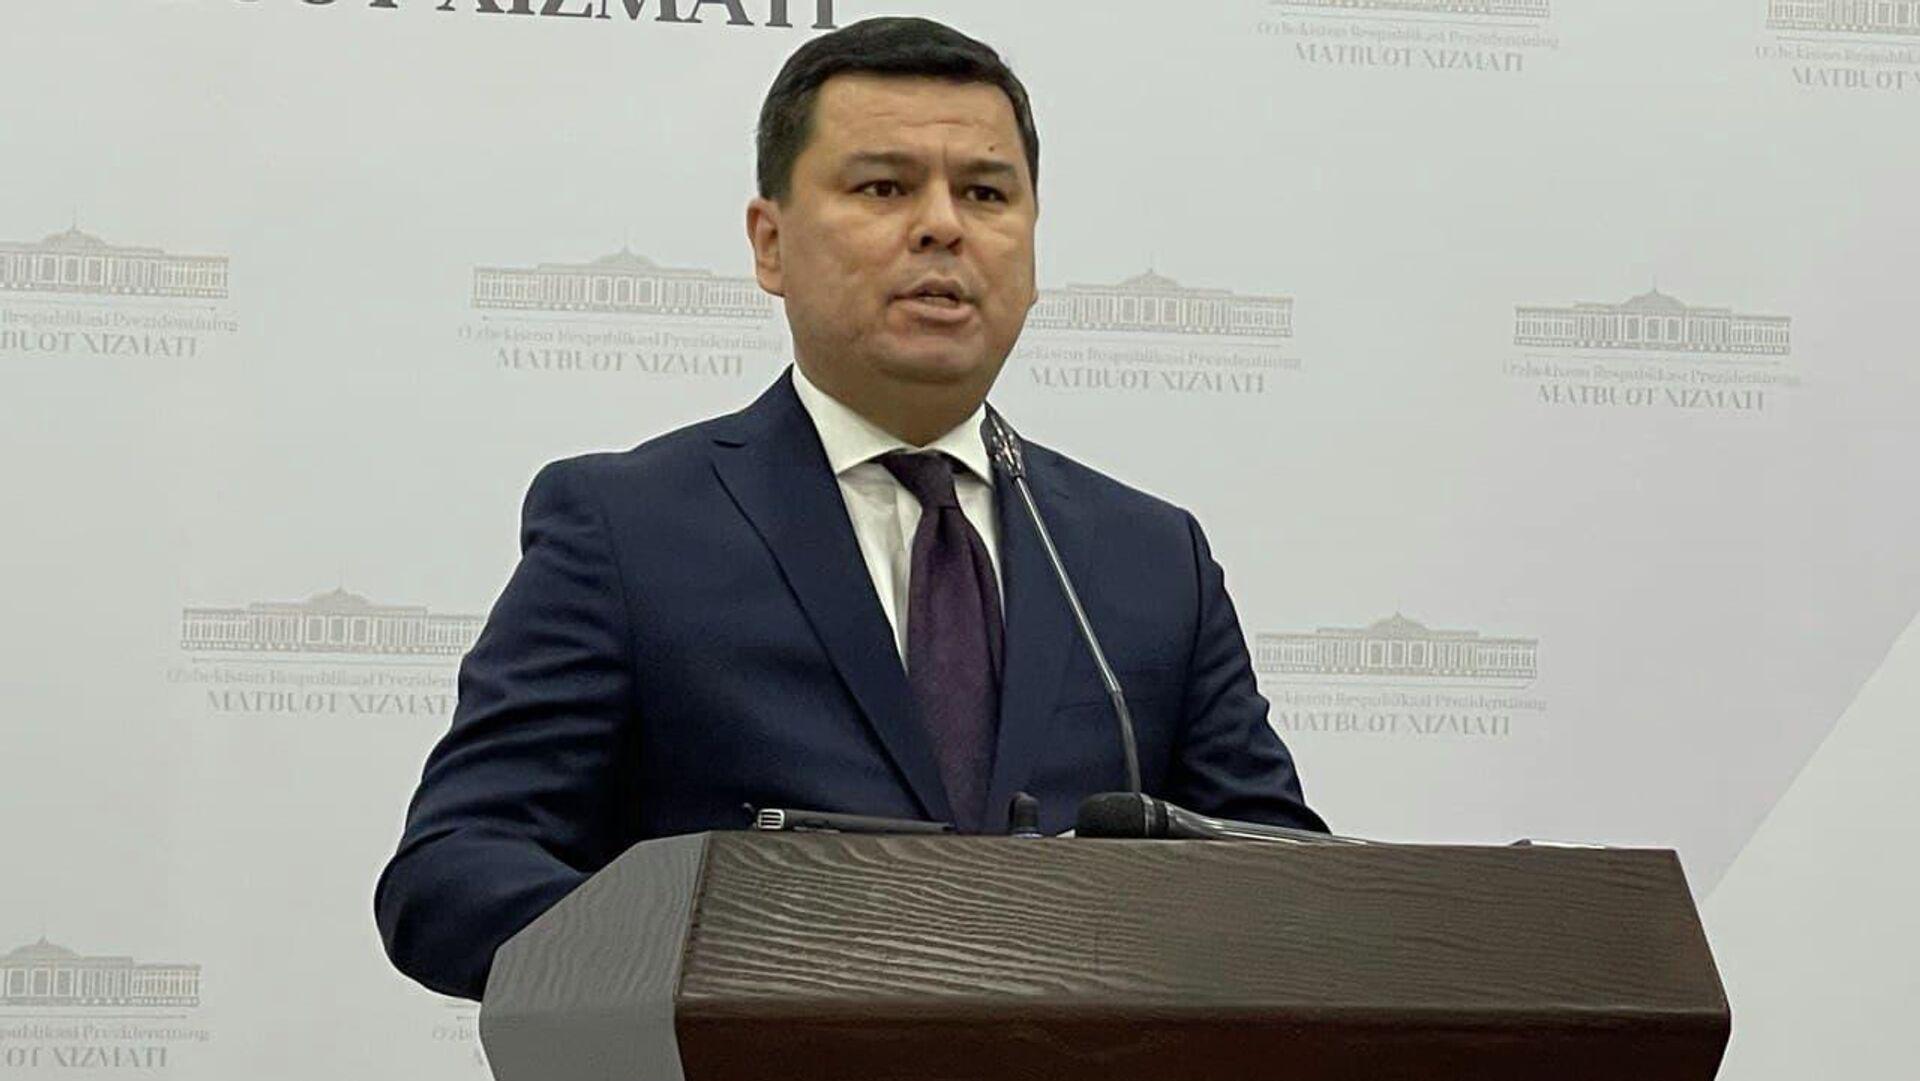 Пресс-секретарь  президента Узбекистана Шерзод Асадов - Sputnik Узбекистан, 1920, 07.04.2021